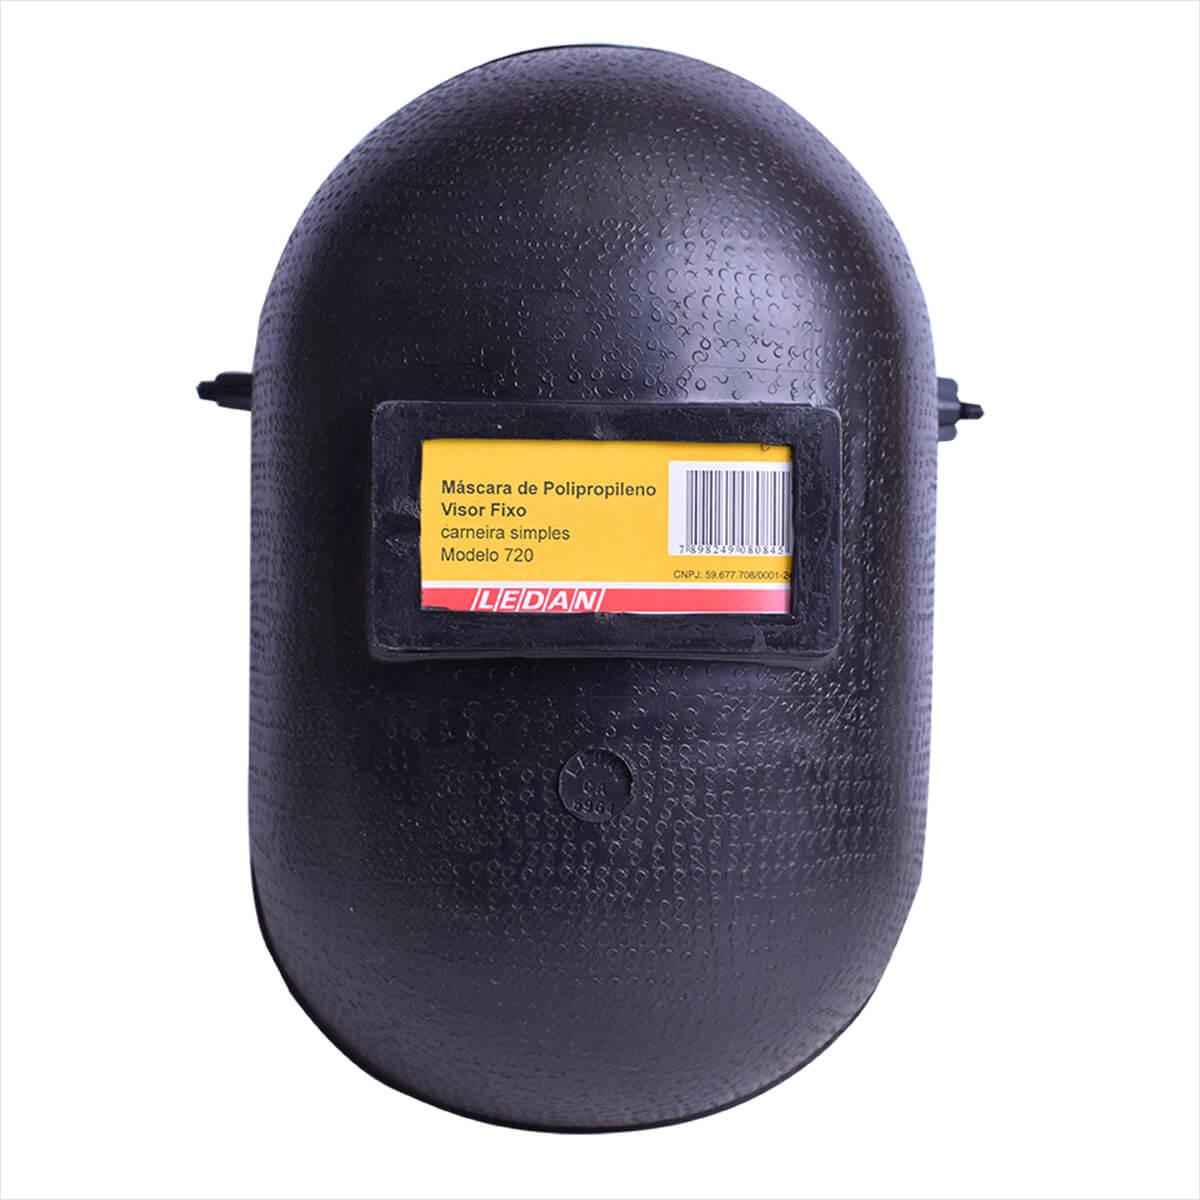 Mascara de Solda em Polipropileno Visor Fixo 720 Ledan a544010843